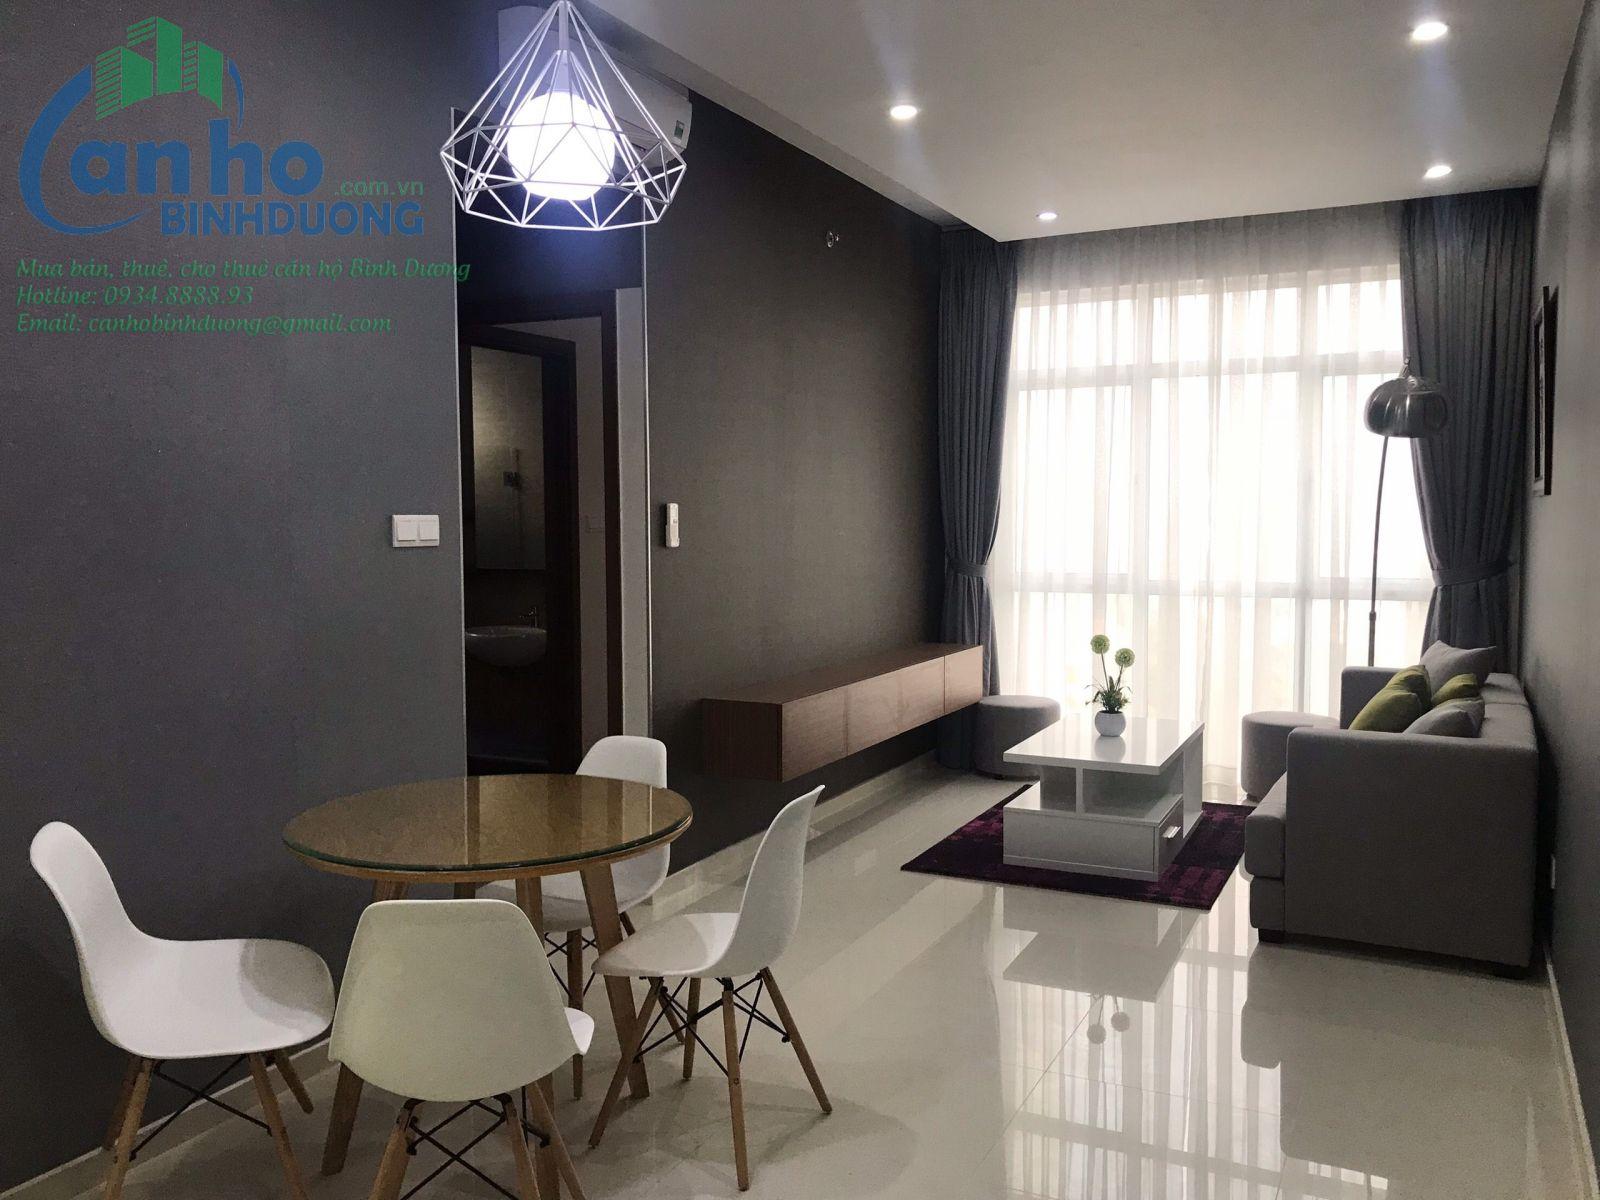 căn hộ habitat bình dương cho thuê